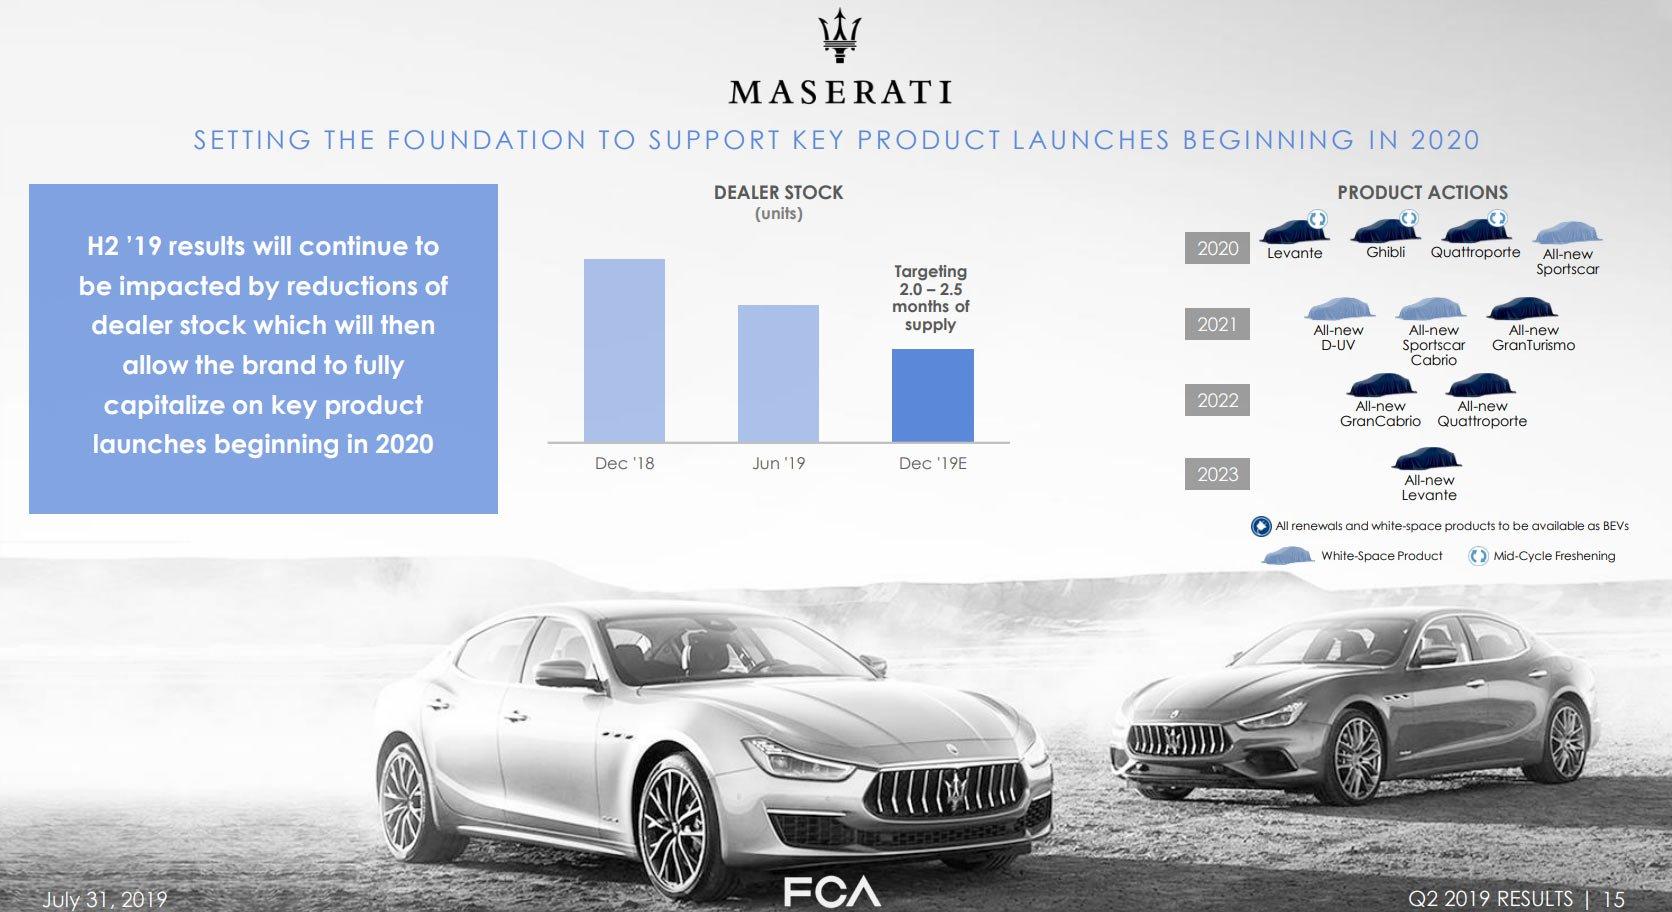 Calendário de lançamentos da Maserati